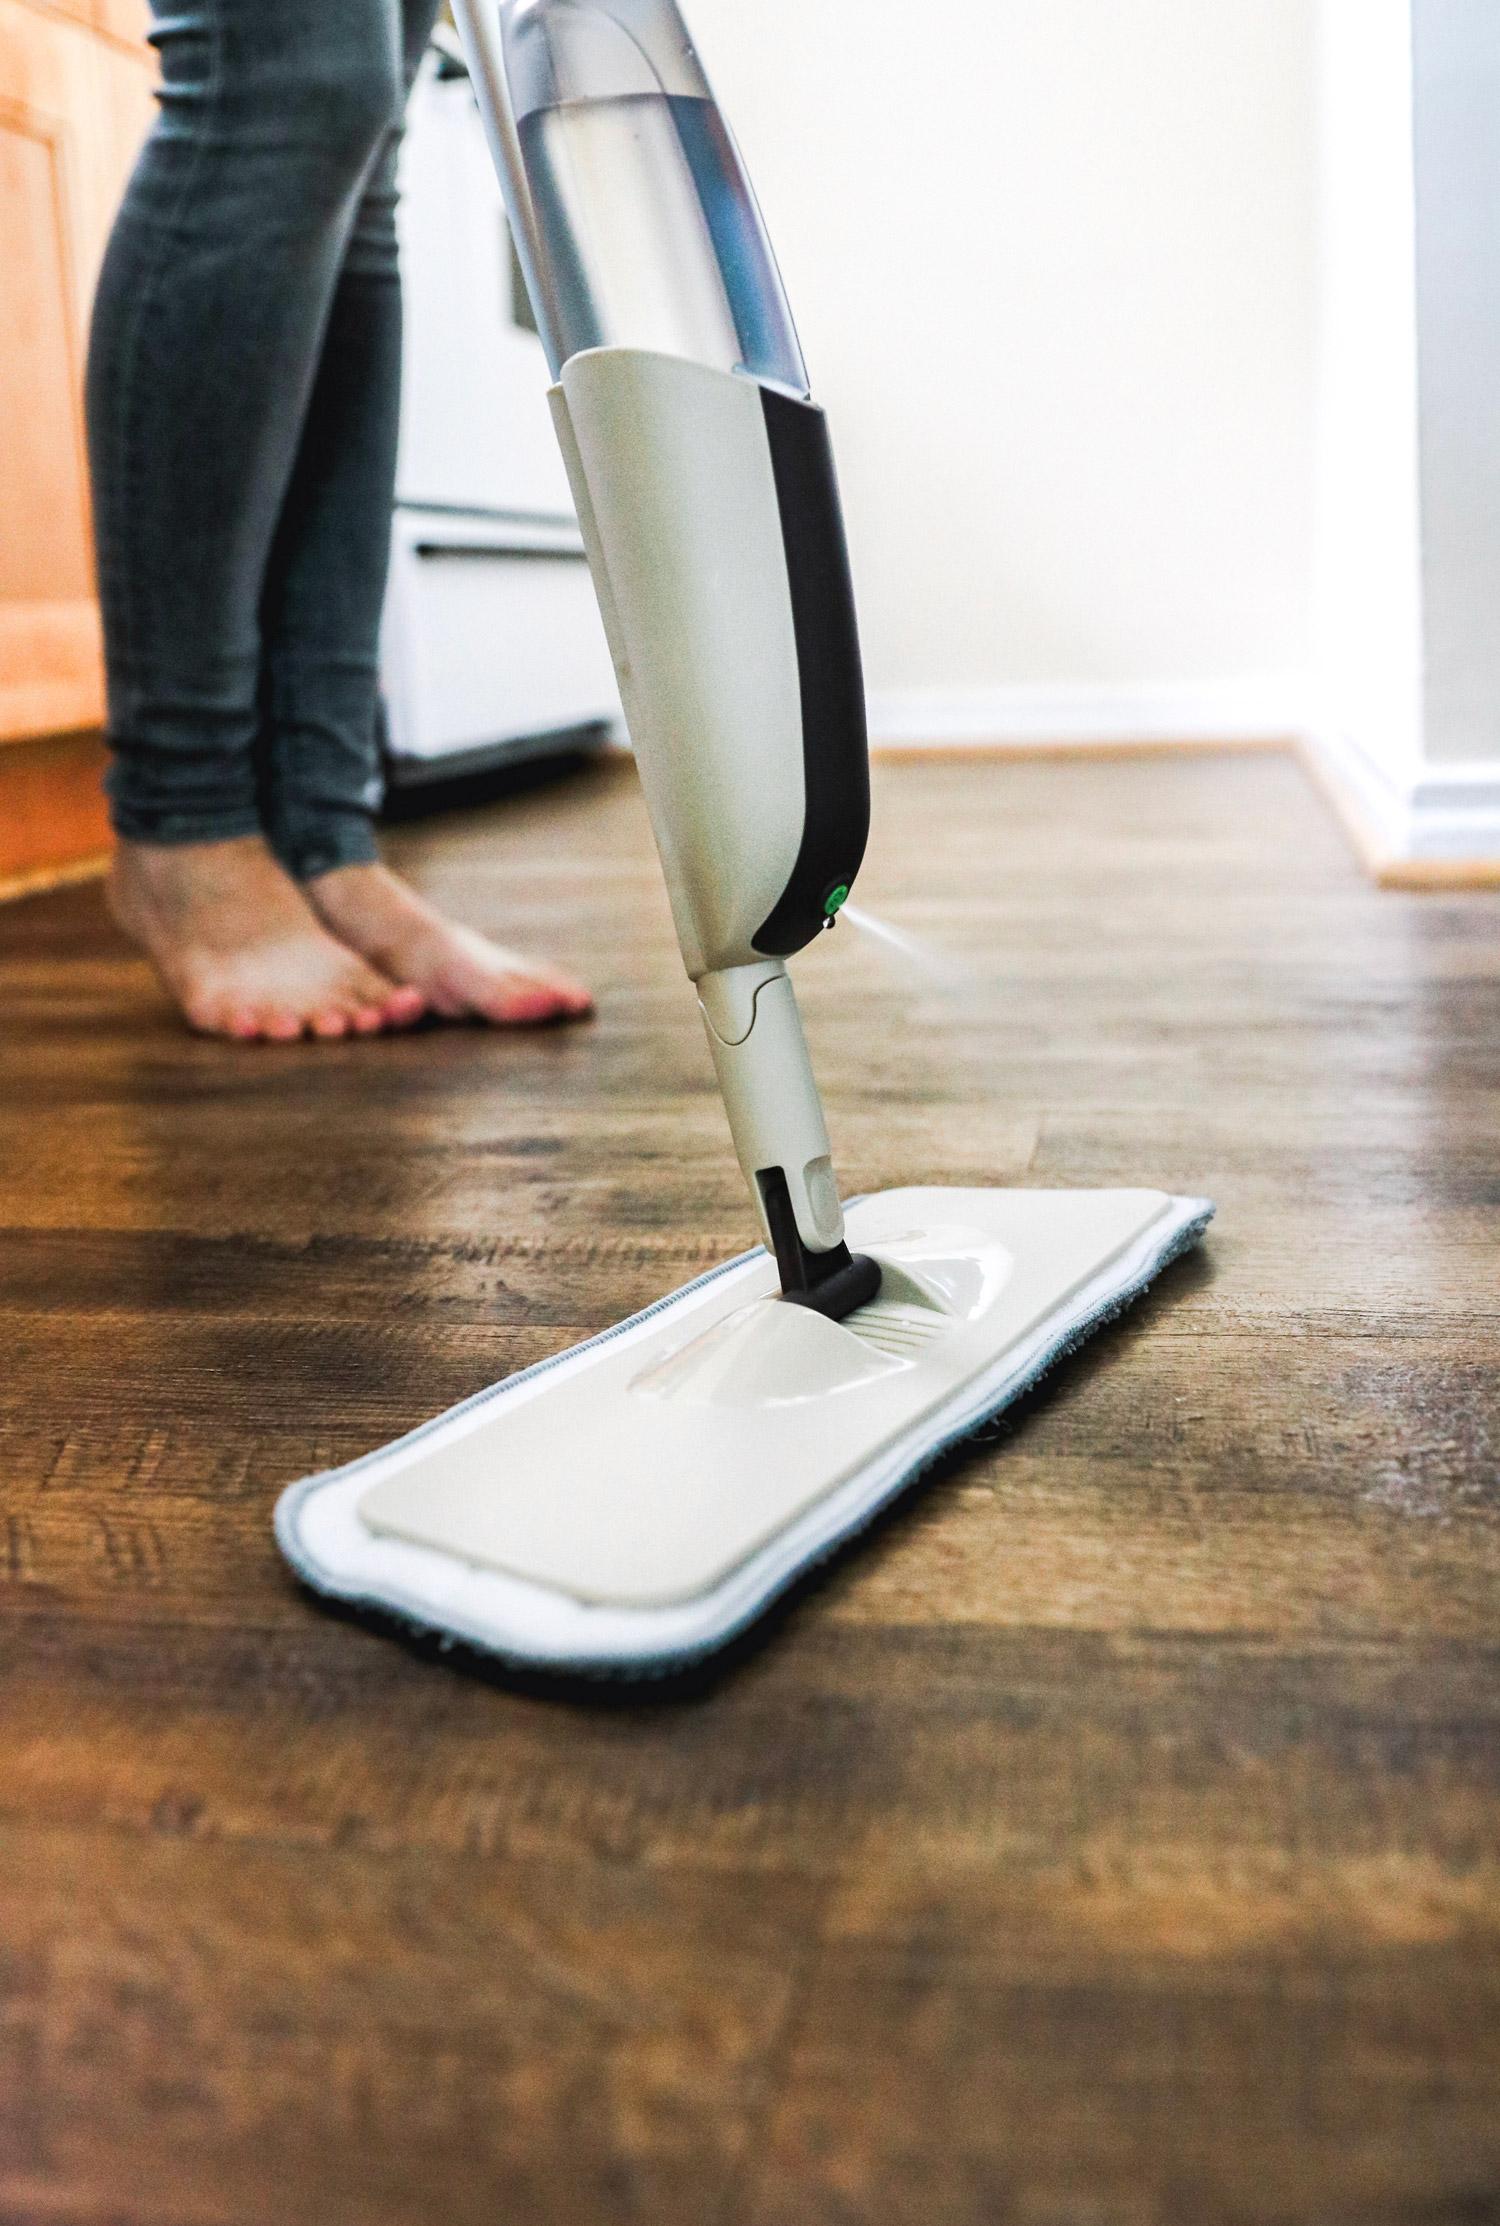 3 Ing Laminate Floor Cleaner O Nest